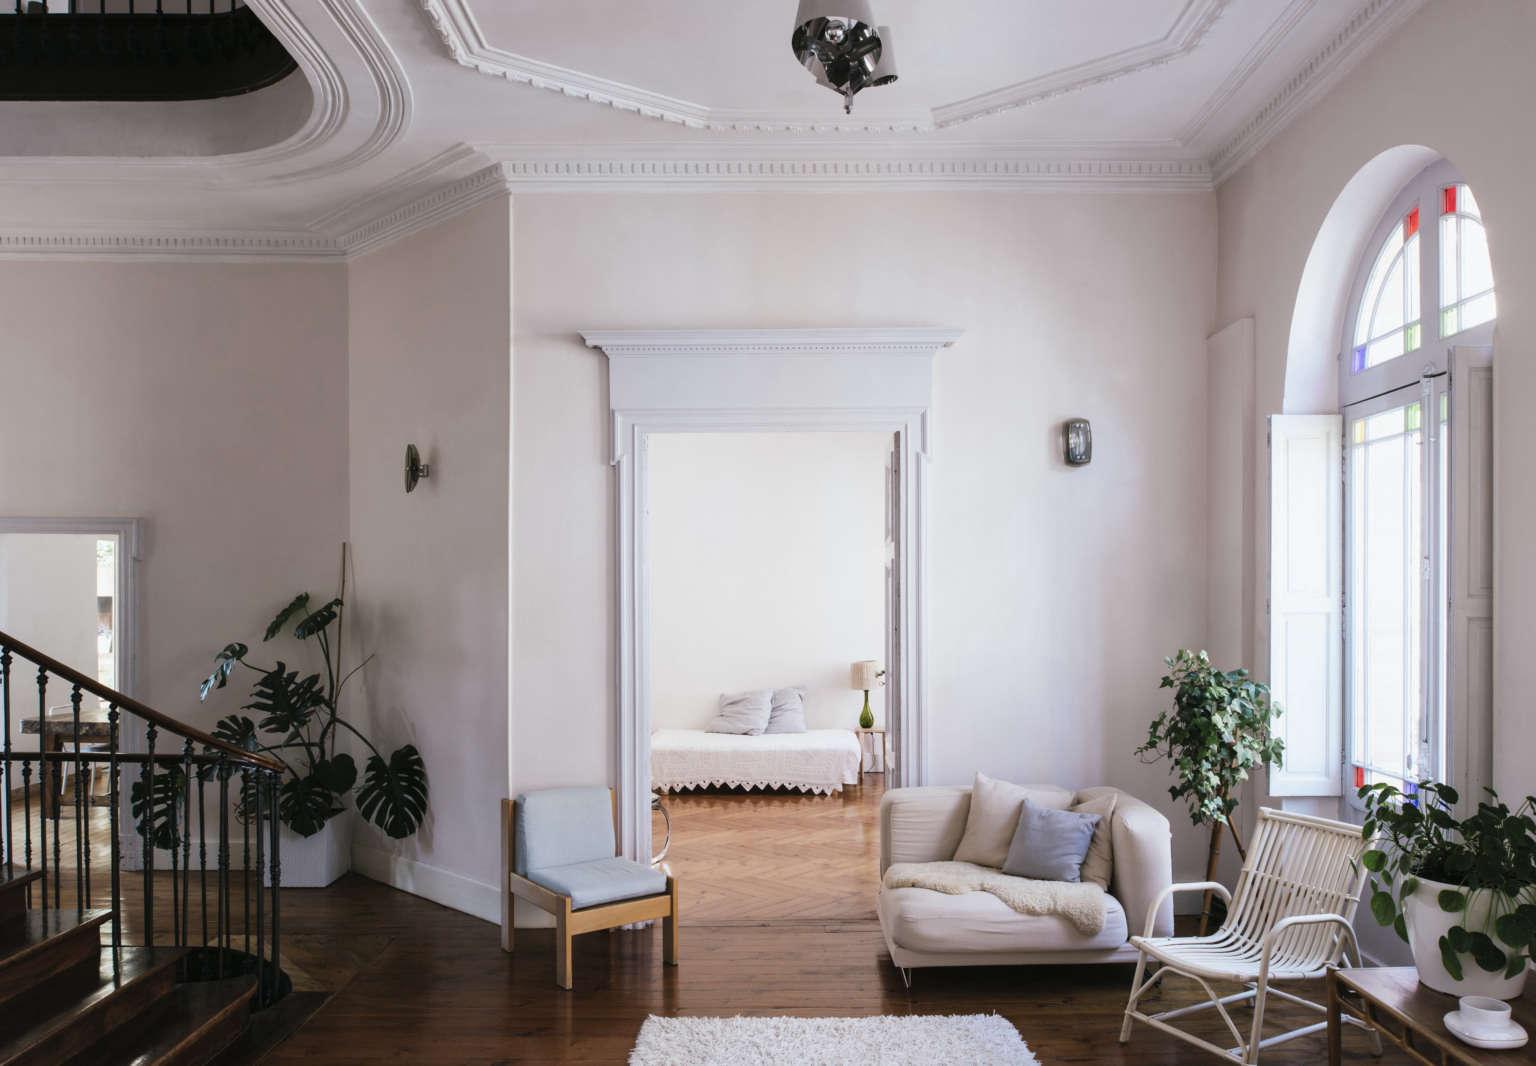 La Vie en Rose: Inside a Costumier's Dreamlike, DIY Maison in France